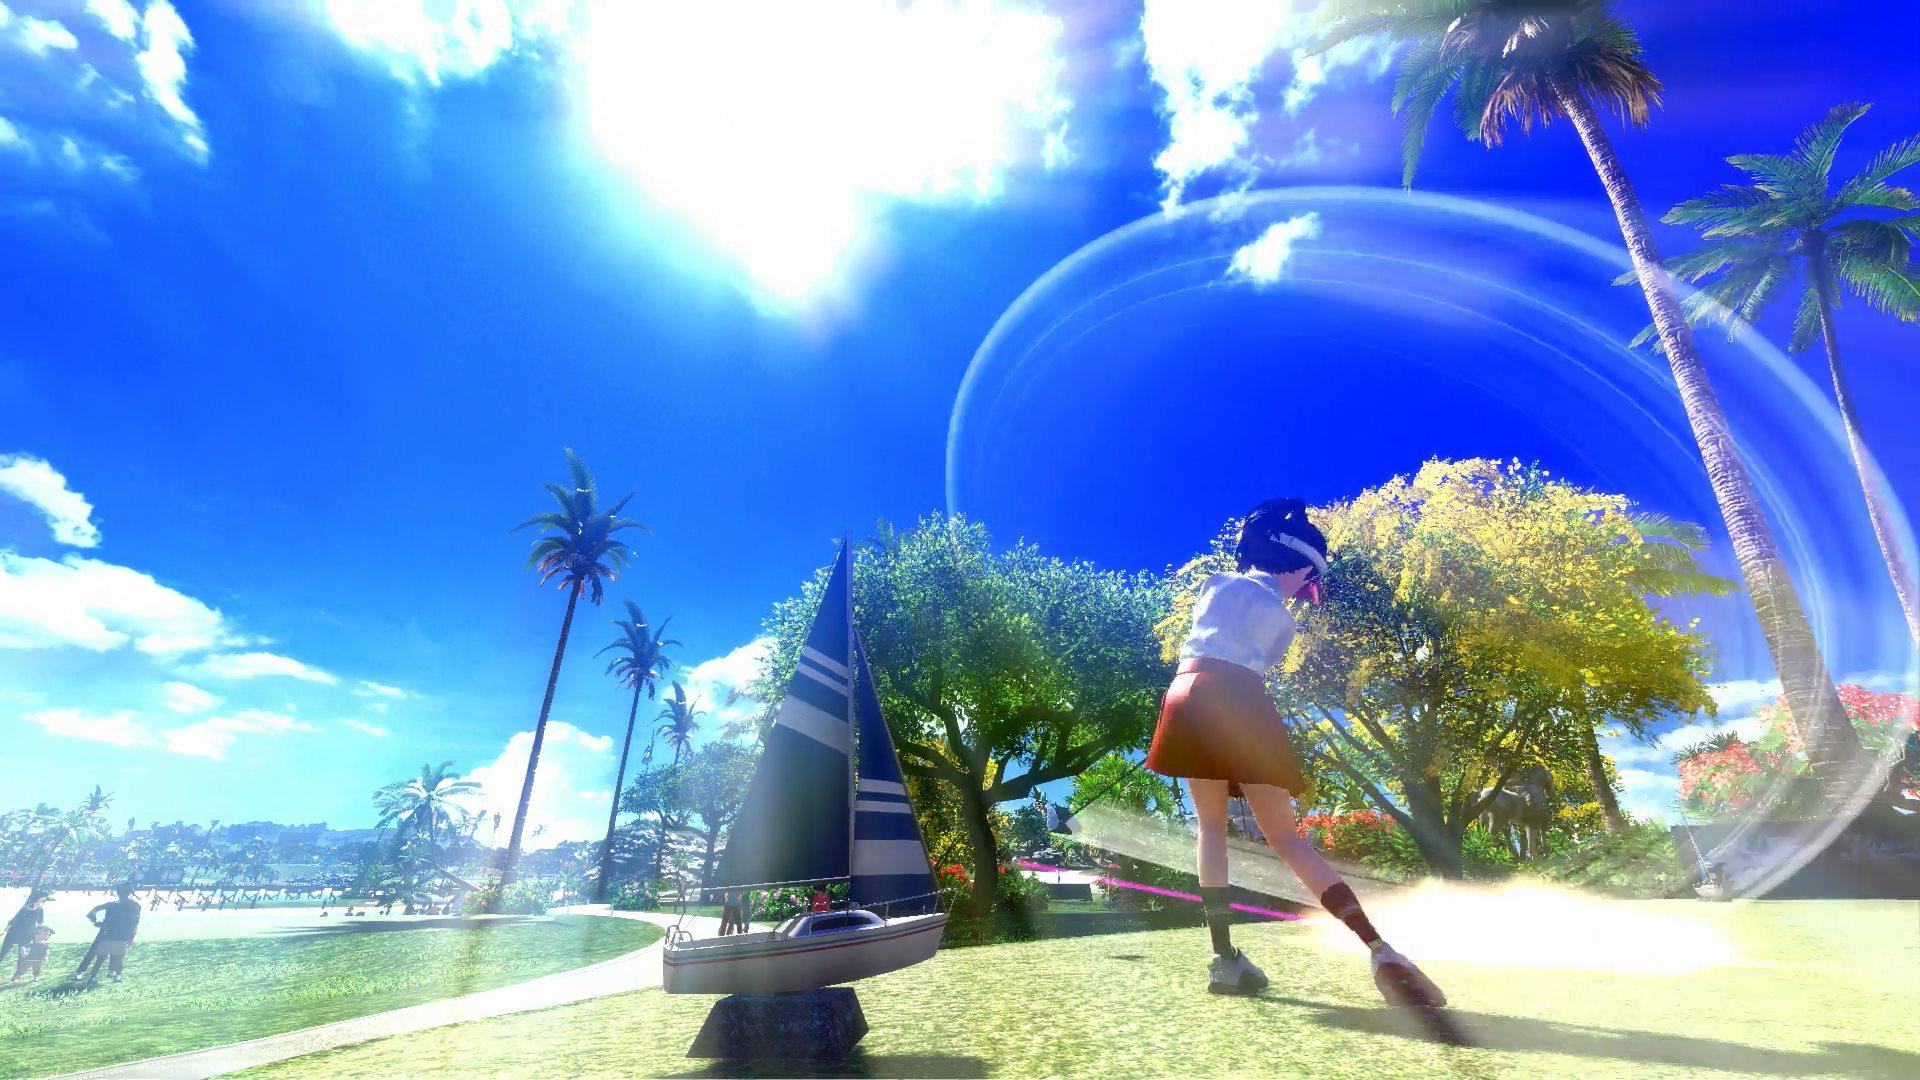 235lDS5qUxFik - PS4『New みんなのGOLF』が海外で大好評 キャラクターを日本人にしか受けない気持ち悪い造形から脱却できた事も勝因とのこと